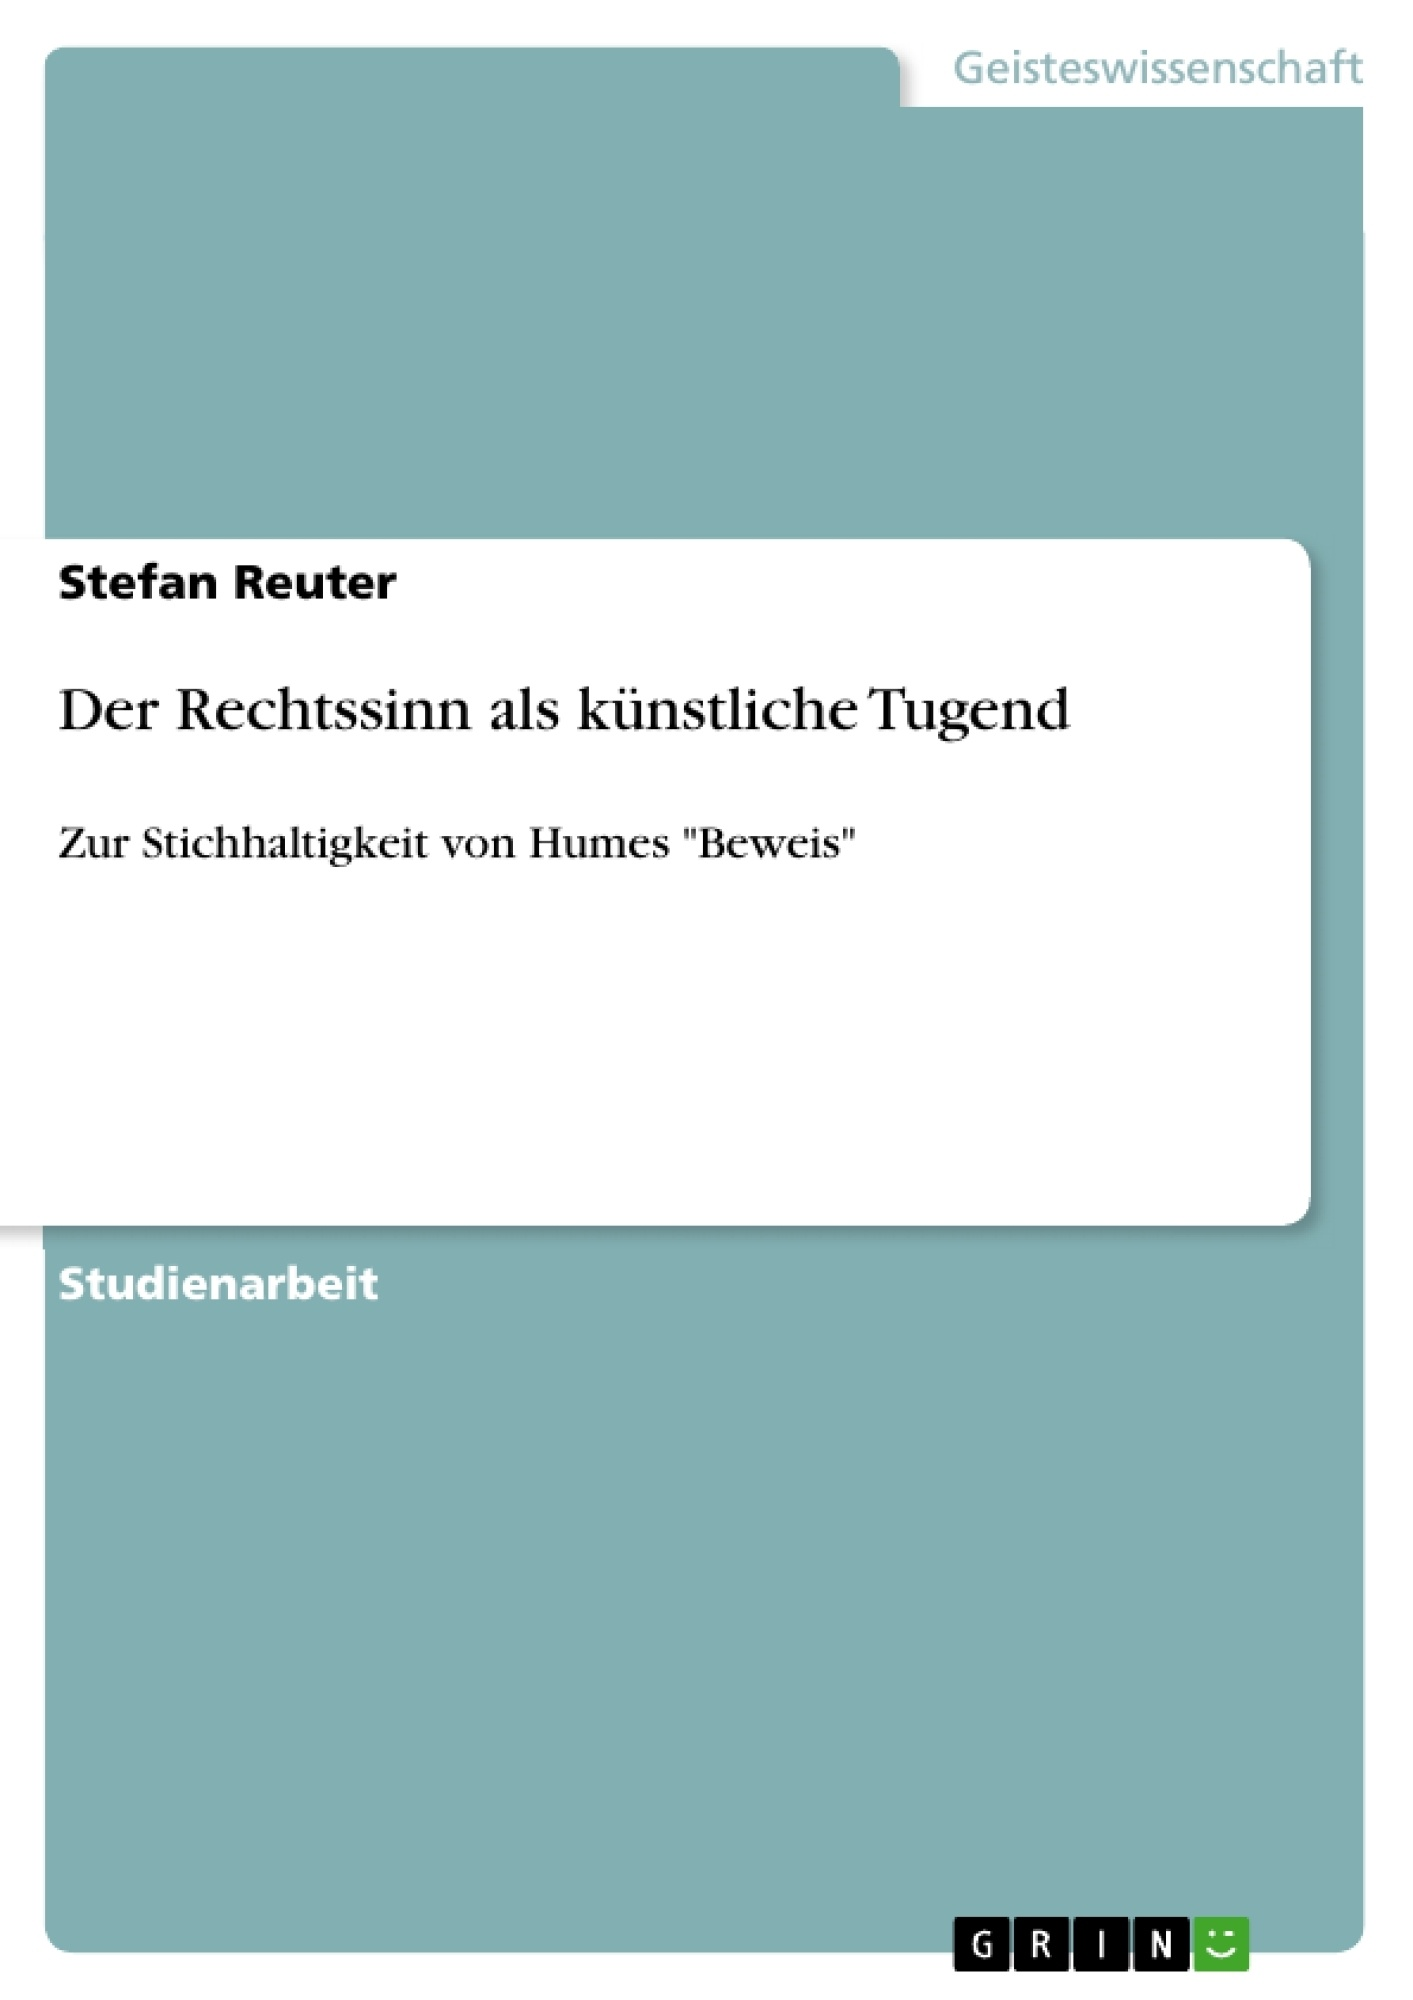 Titel: Der Rechtssinn als künstliche Tugend